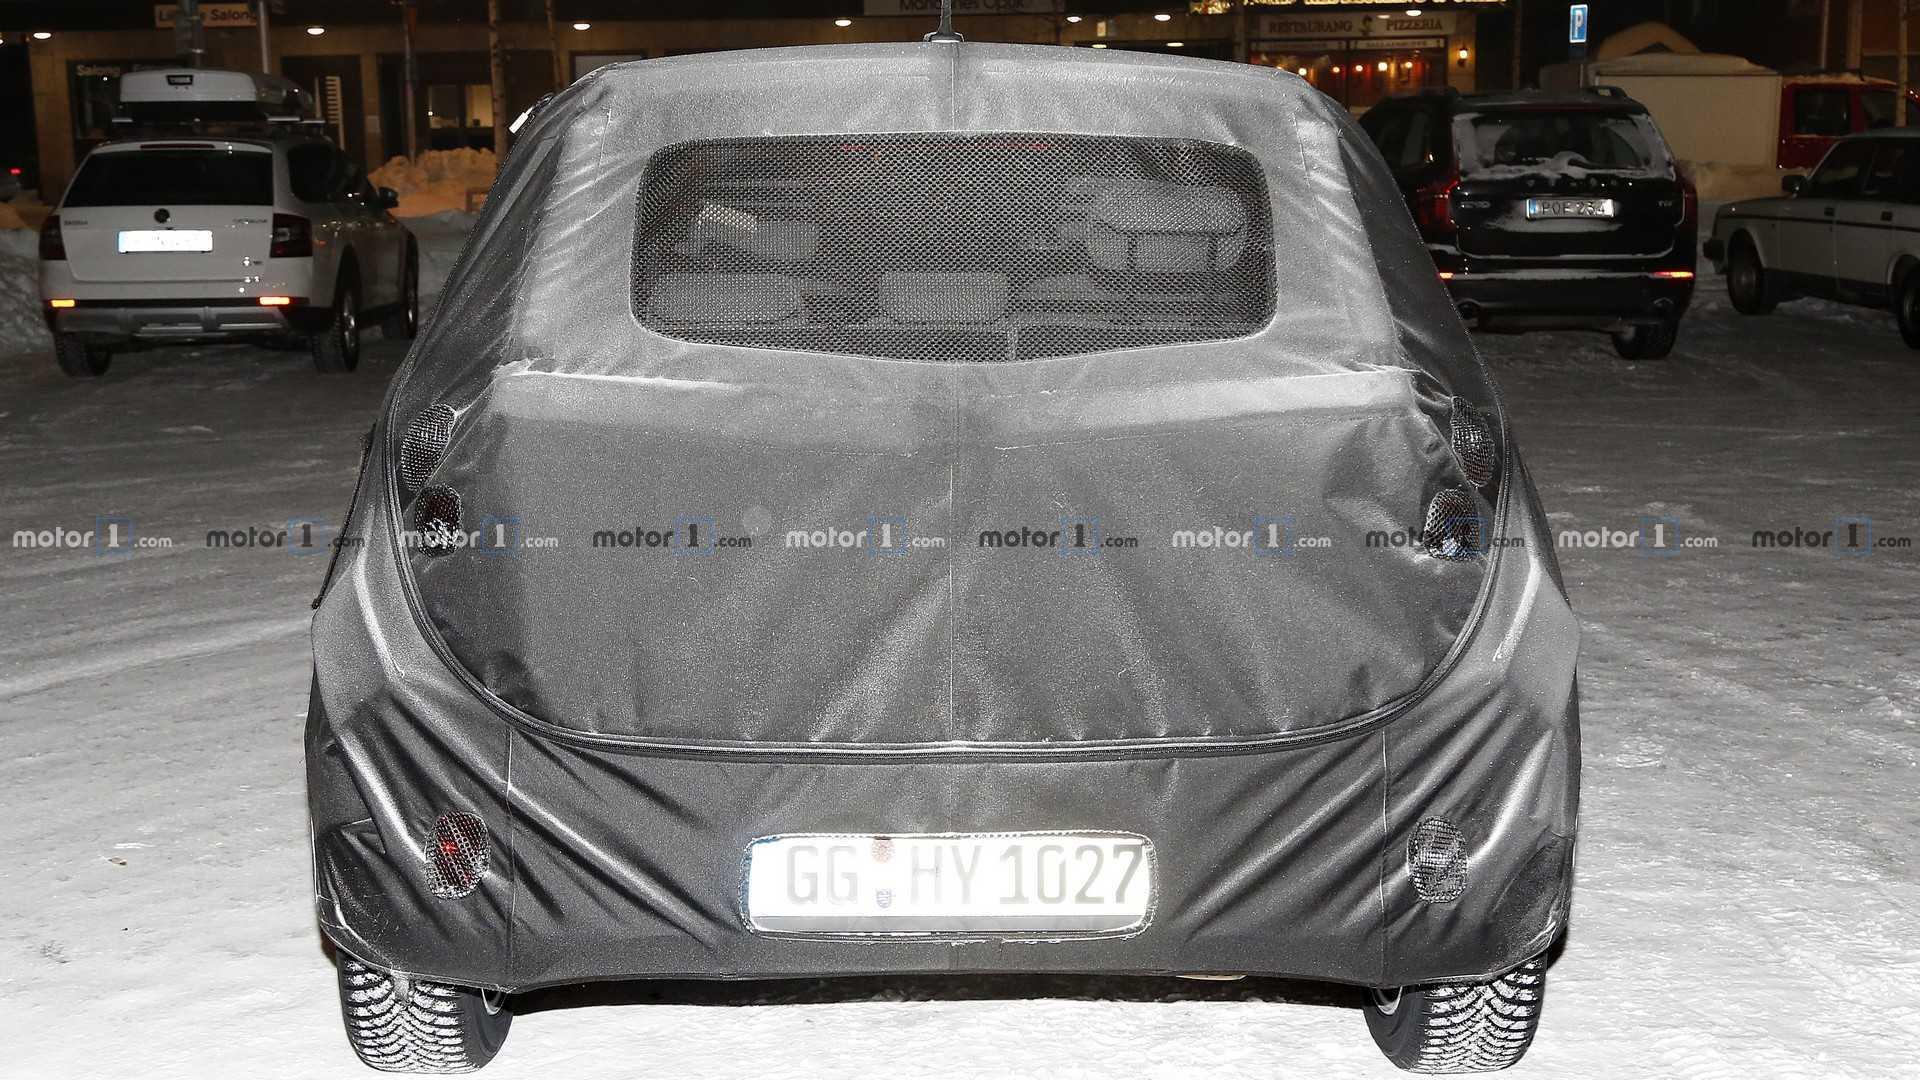 Hyundai i10 (2020) als Erlkönig erwischt